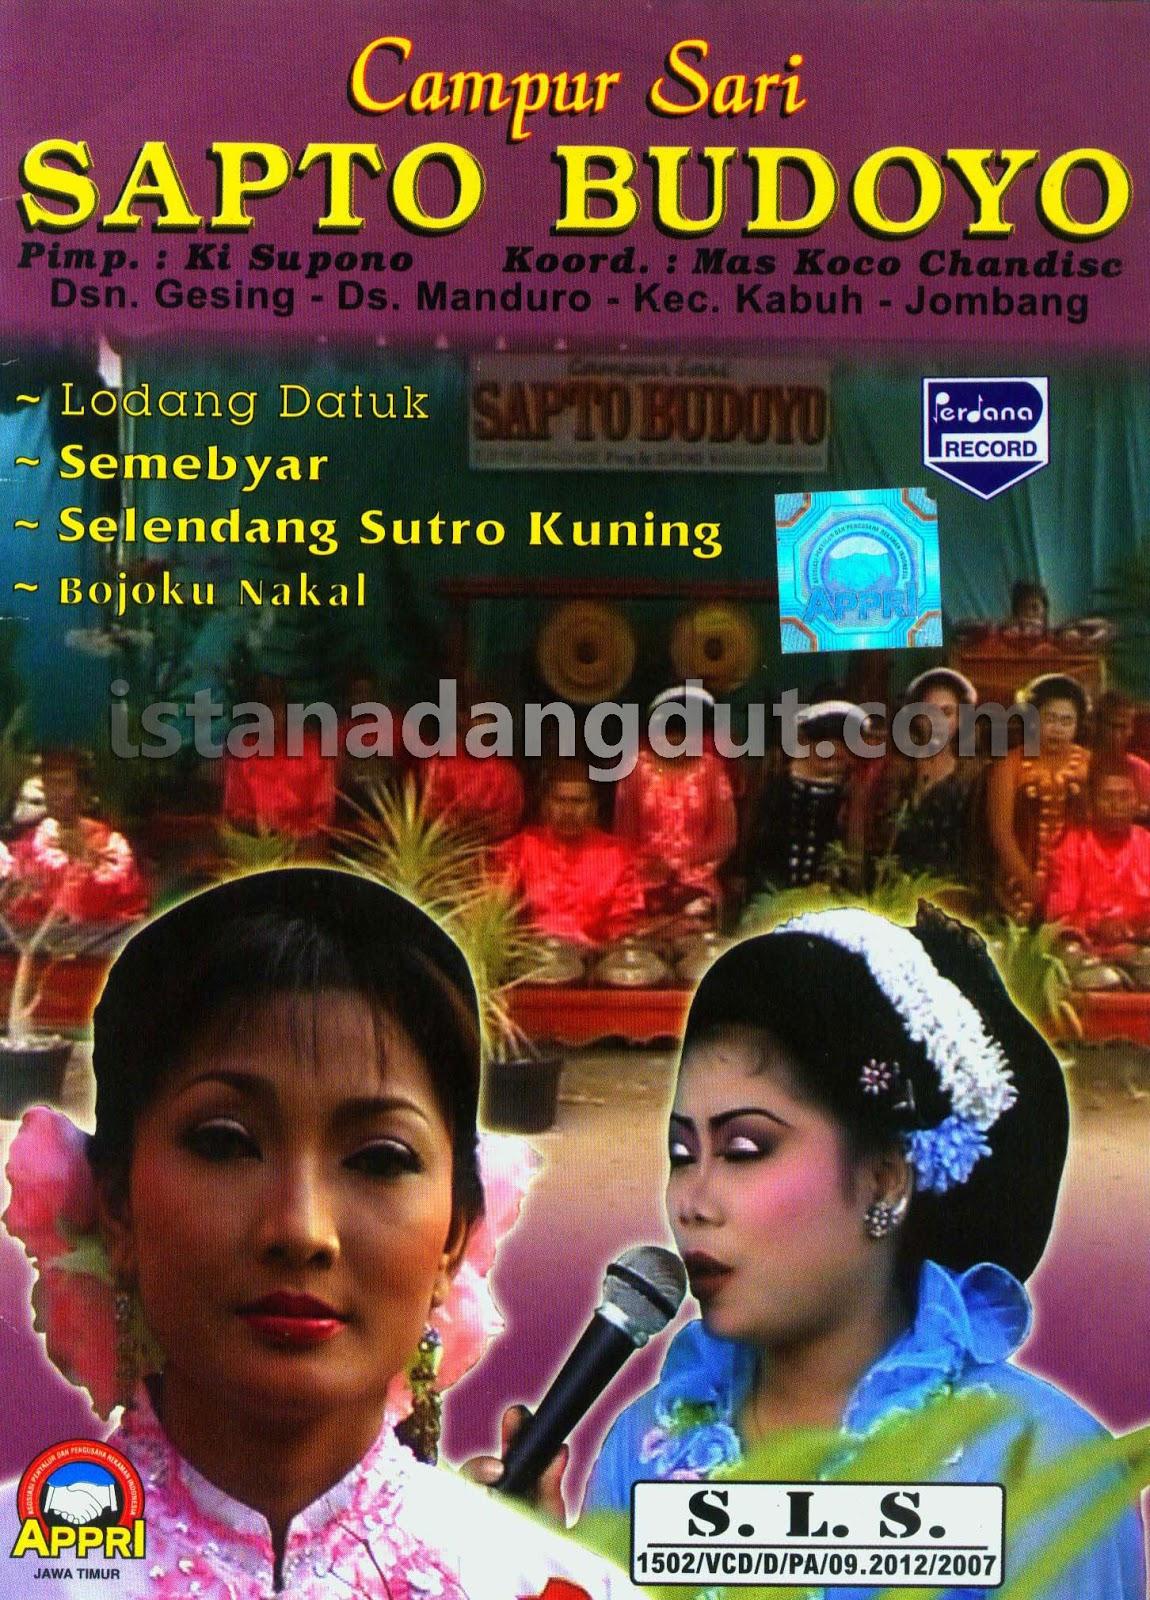 gamelan jawa, kesenian tradisional jawa, indonesian etnic music, cover album campursari, sapto budoyo, uyon uyon, langgam jawa asli